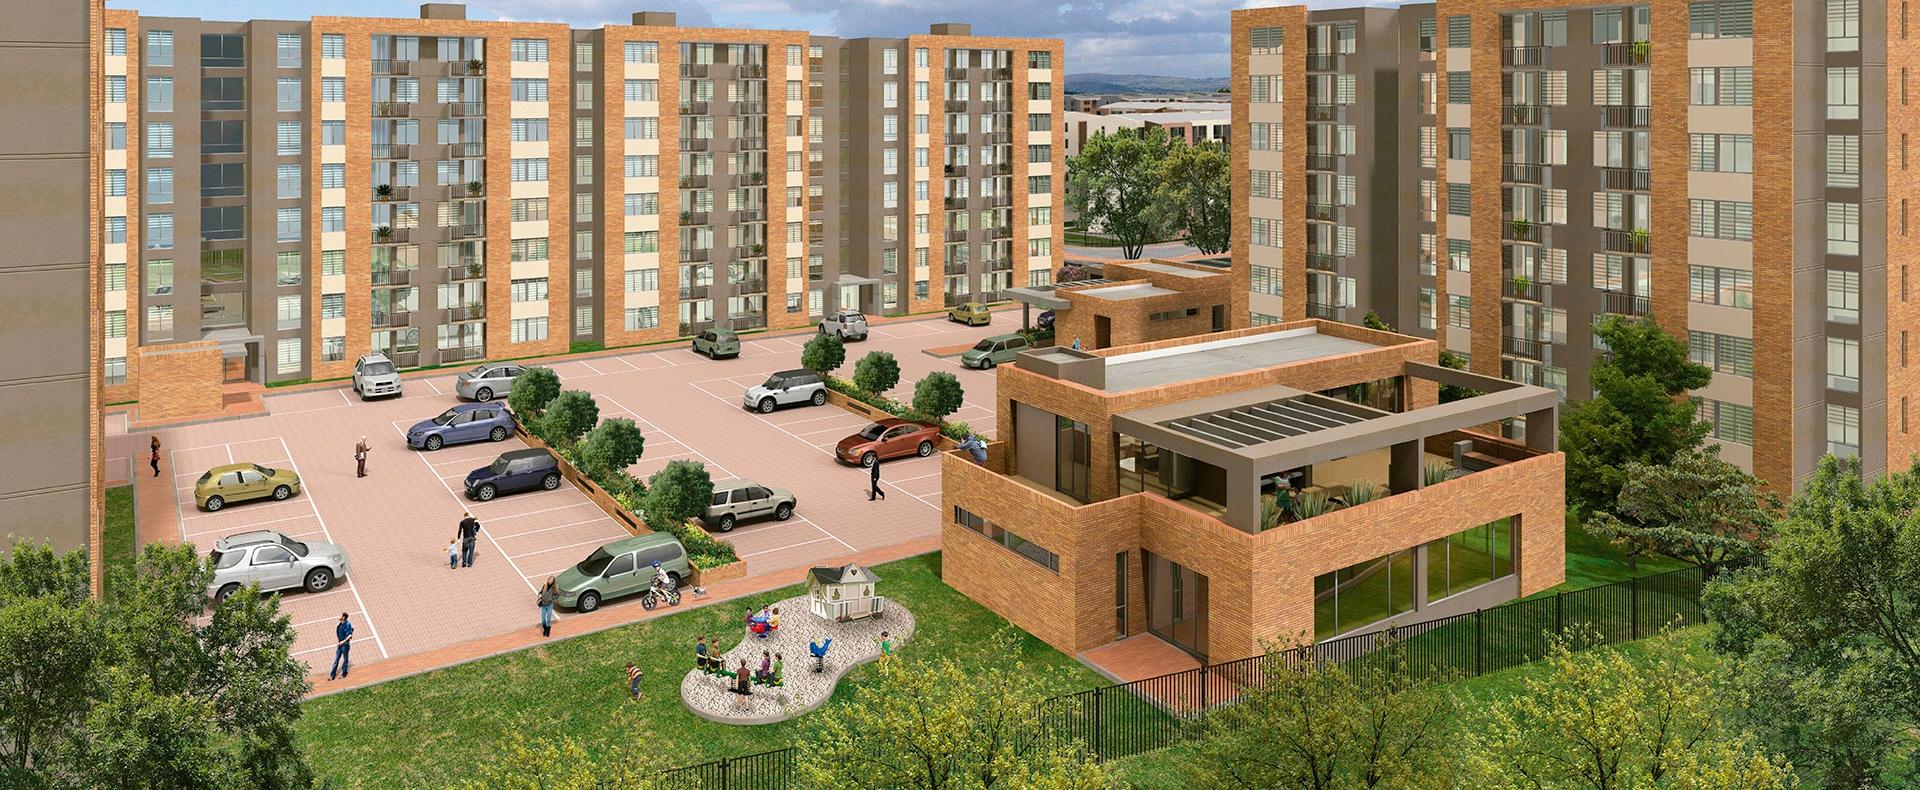 Apartamentos y casas en venta nuevos proyectos de for Proyectos casas nueva